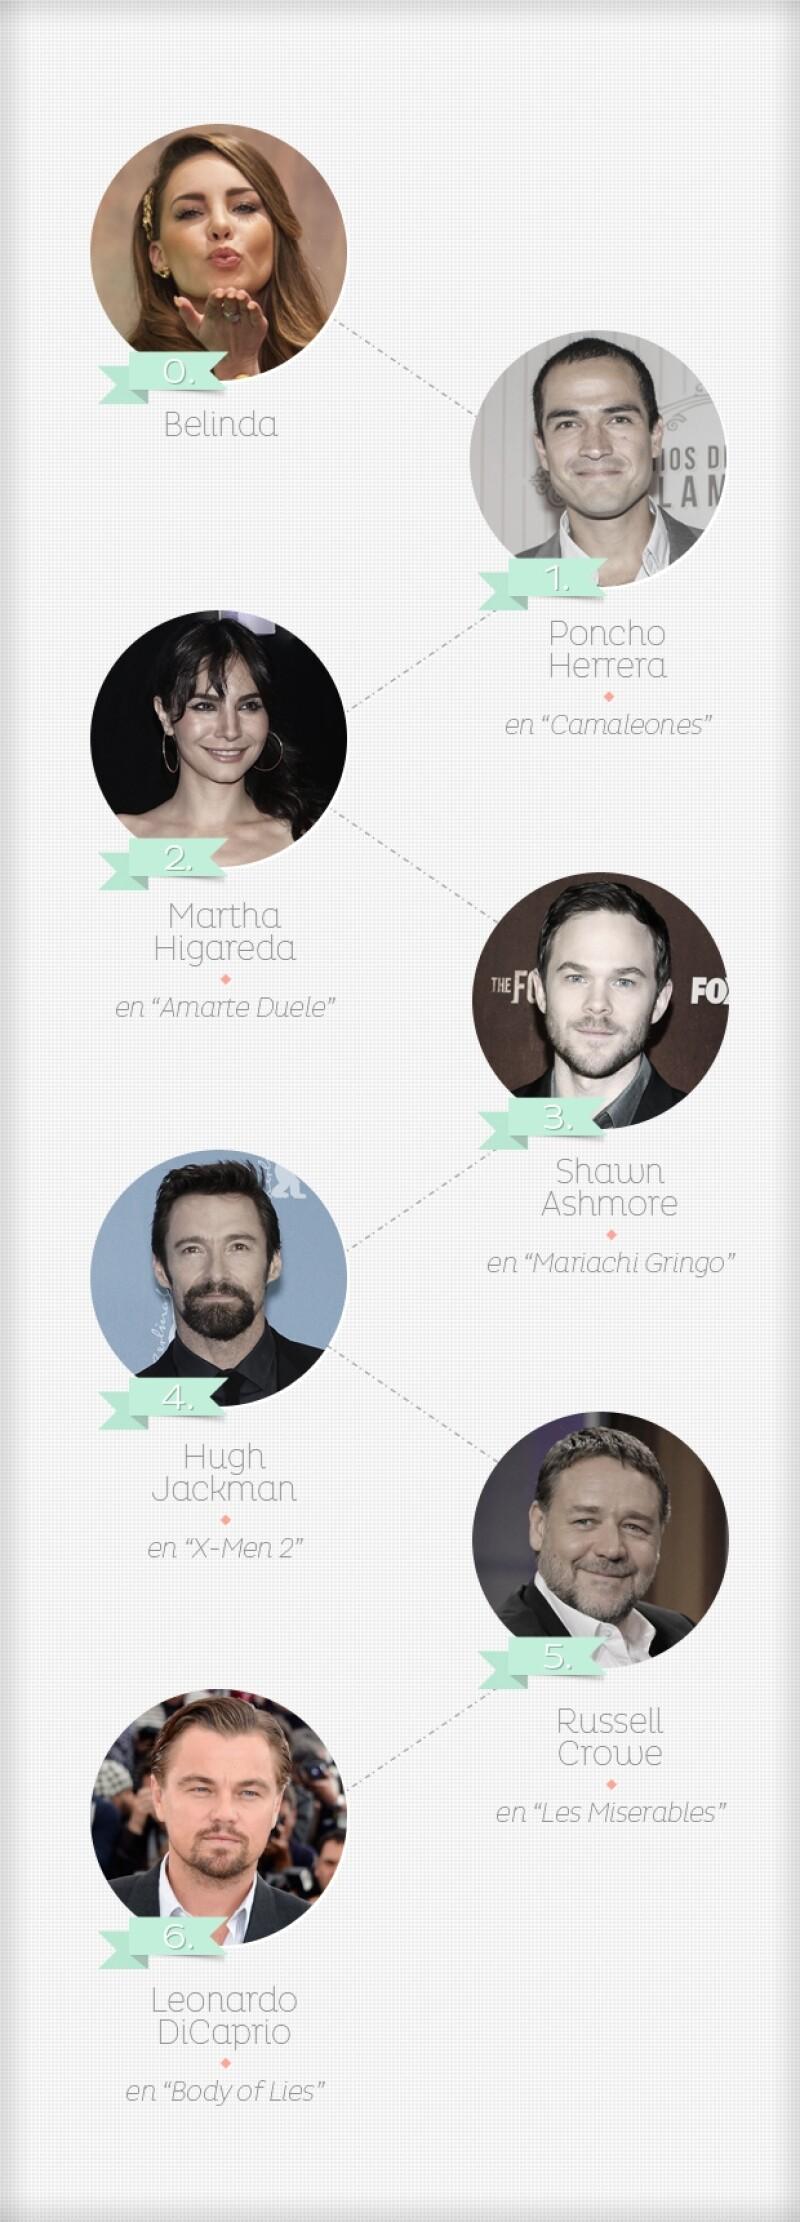 ¿Cómo es que Belinda y el nuevo galán Gatsby se unen a través de únicamente seis estrellas de por medio? Nosotros lo descubrimos.